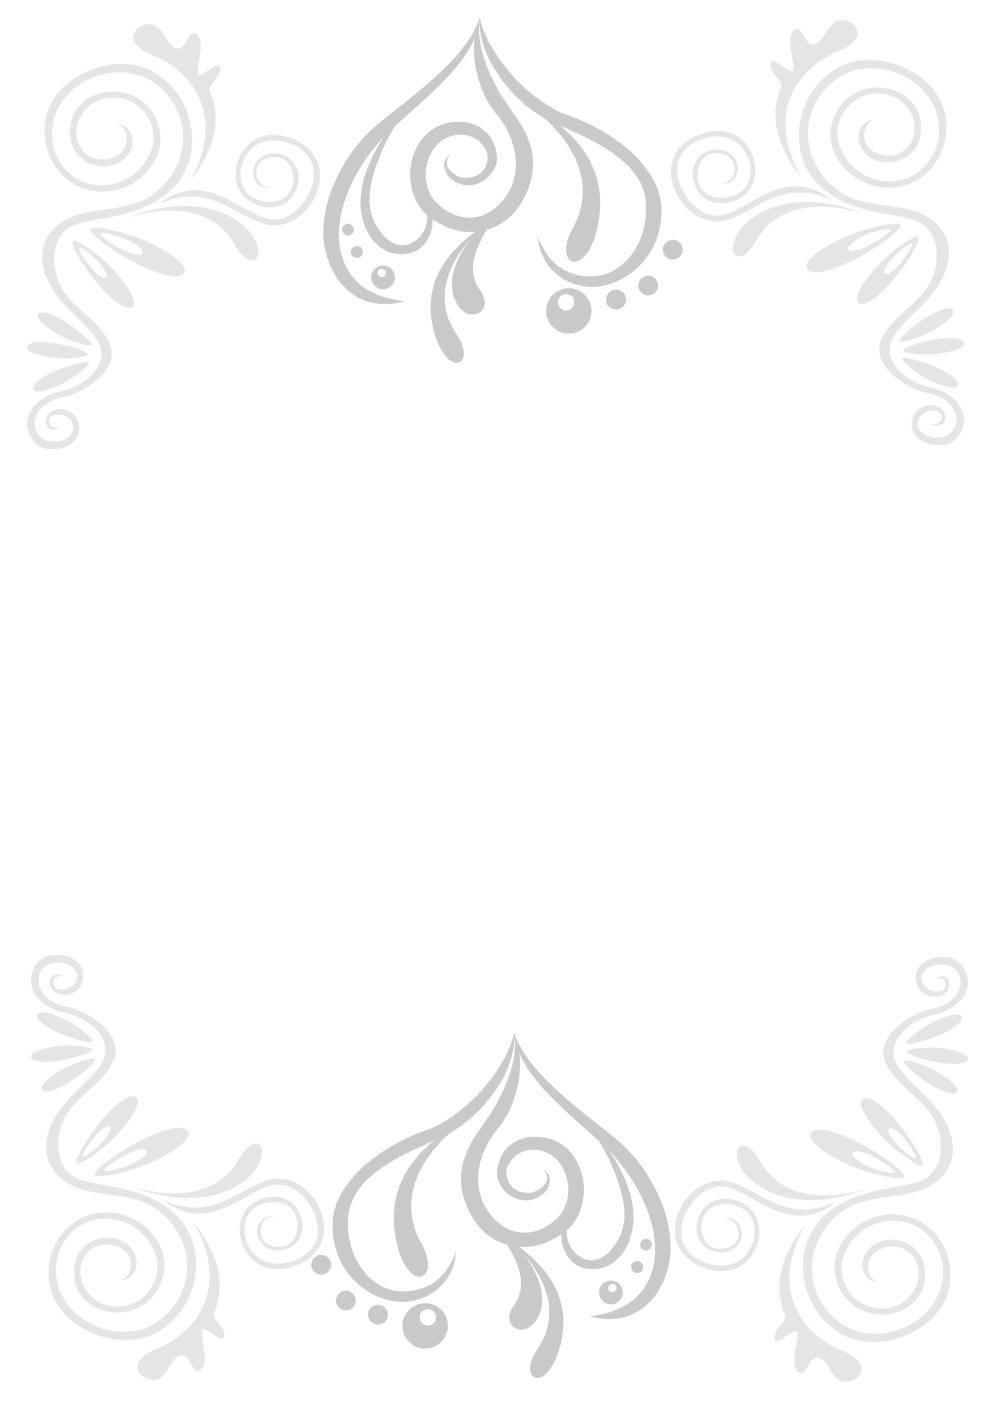 Оформление листа а4 листы а4 красивые